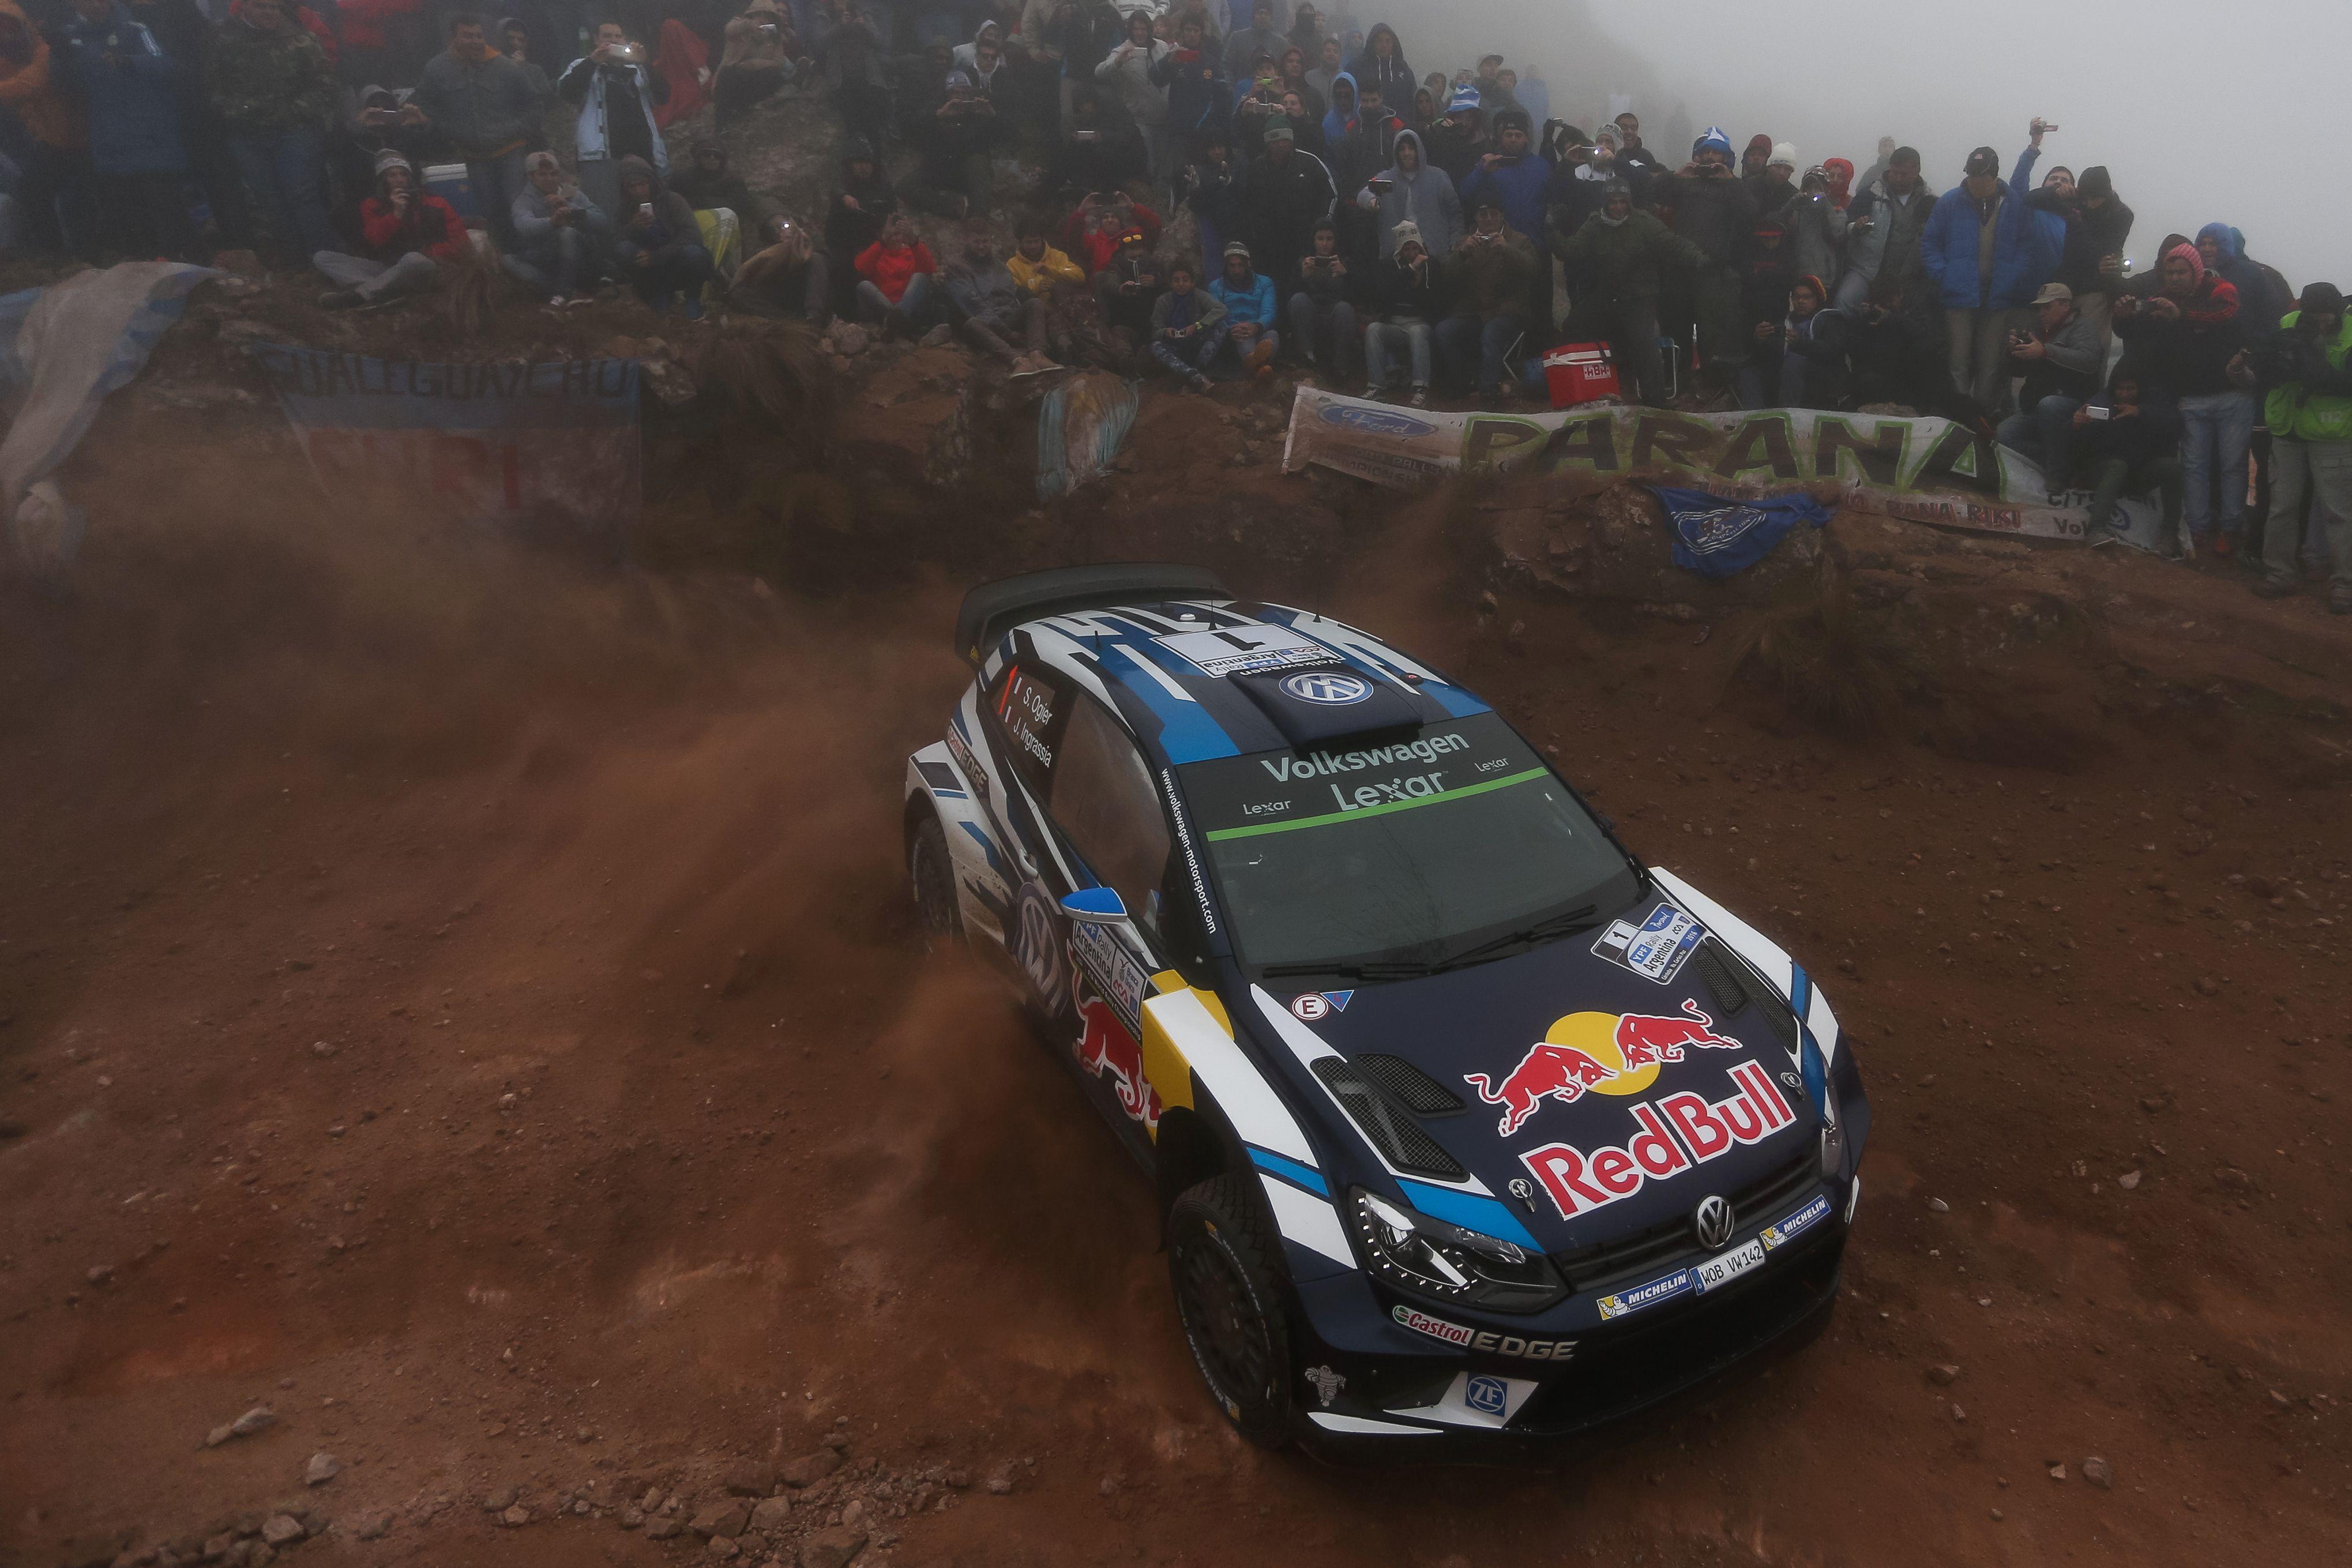 Rallye - Ogier cale encore en Argentine, premi�re victoire pour Paddon